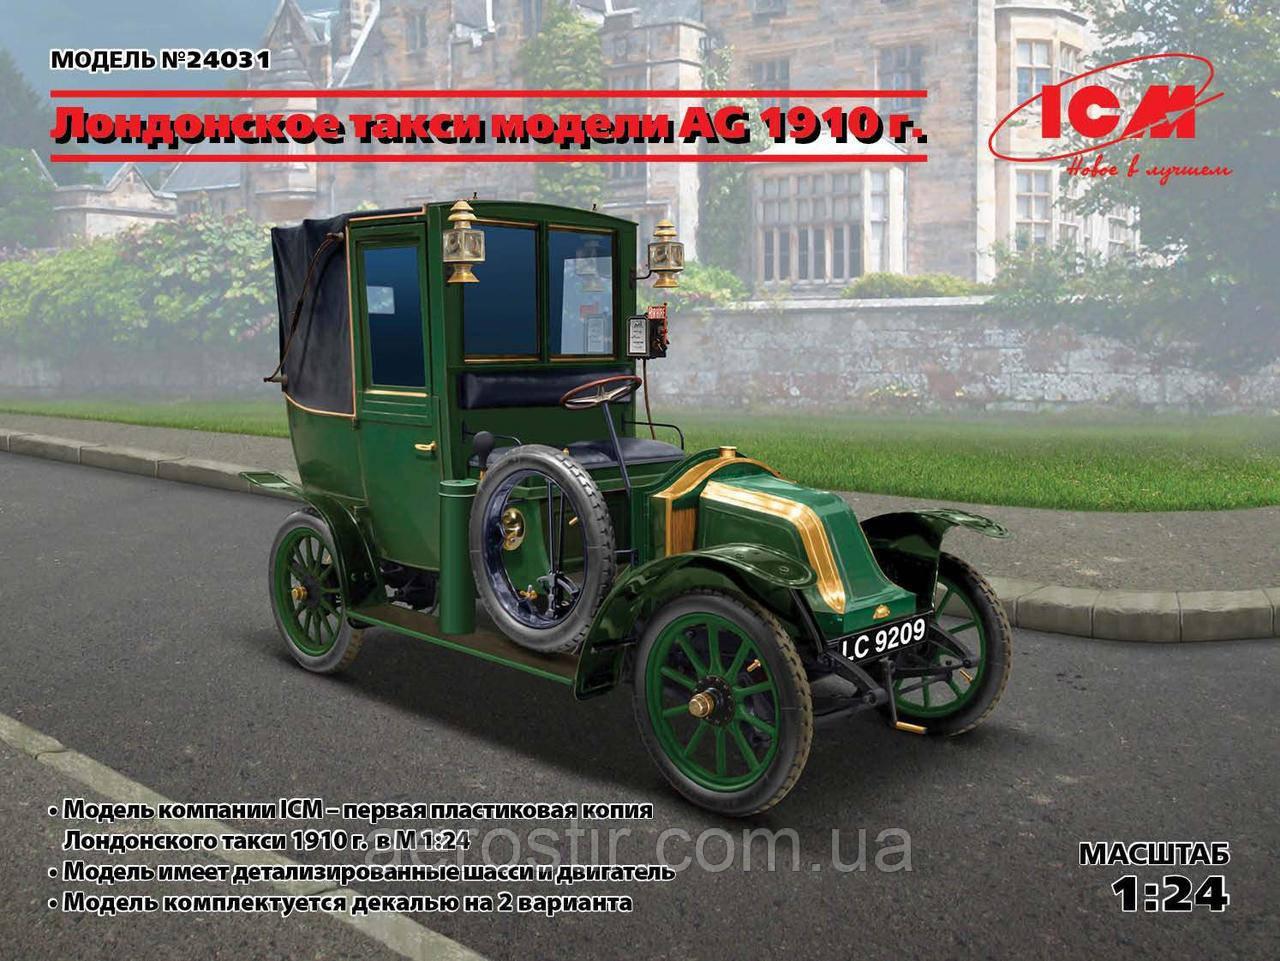 Лондонское такси модели AG 1910 г. 1/24 ICM 24031